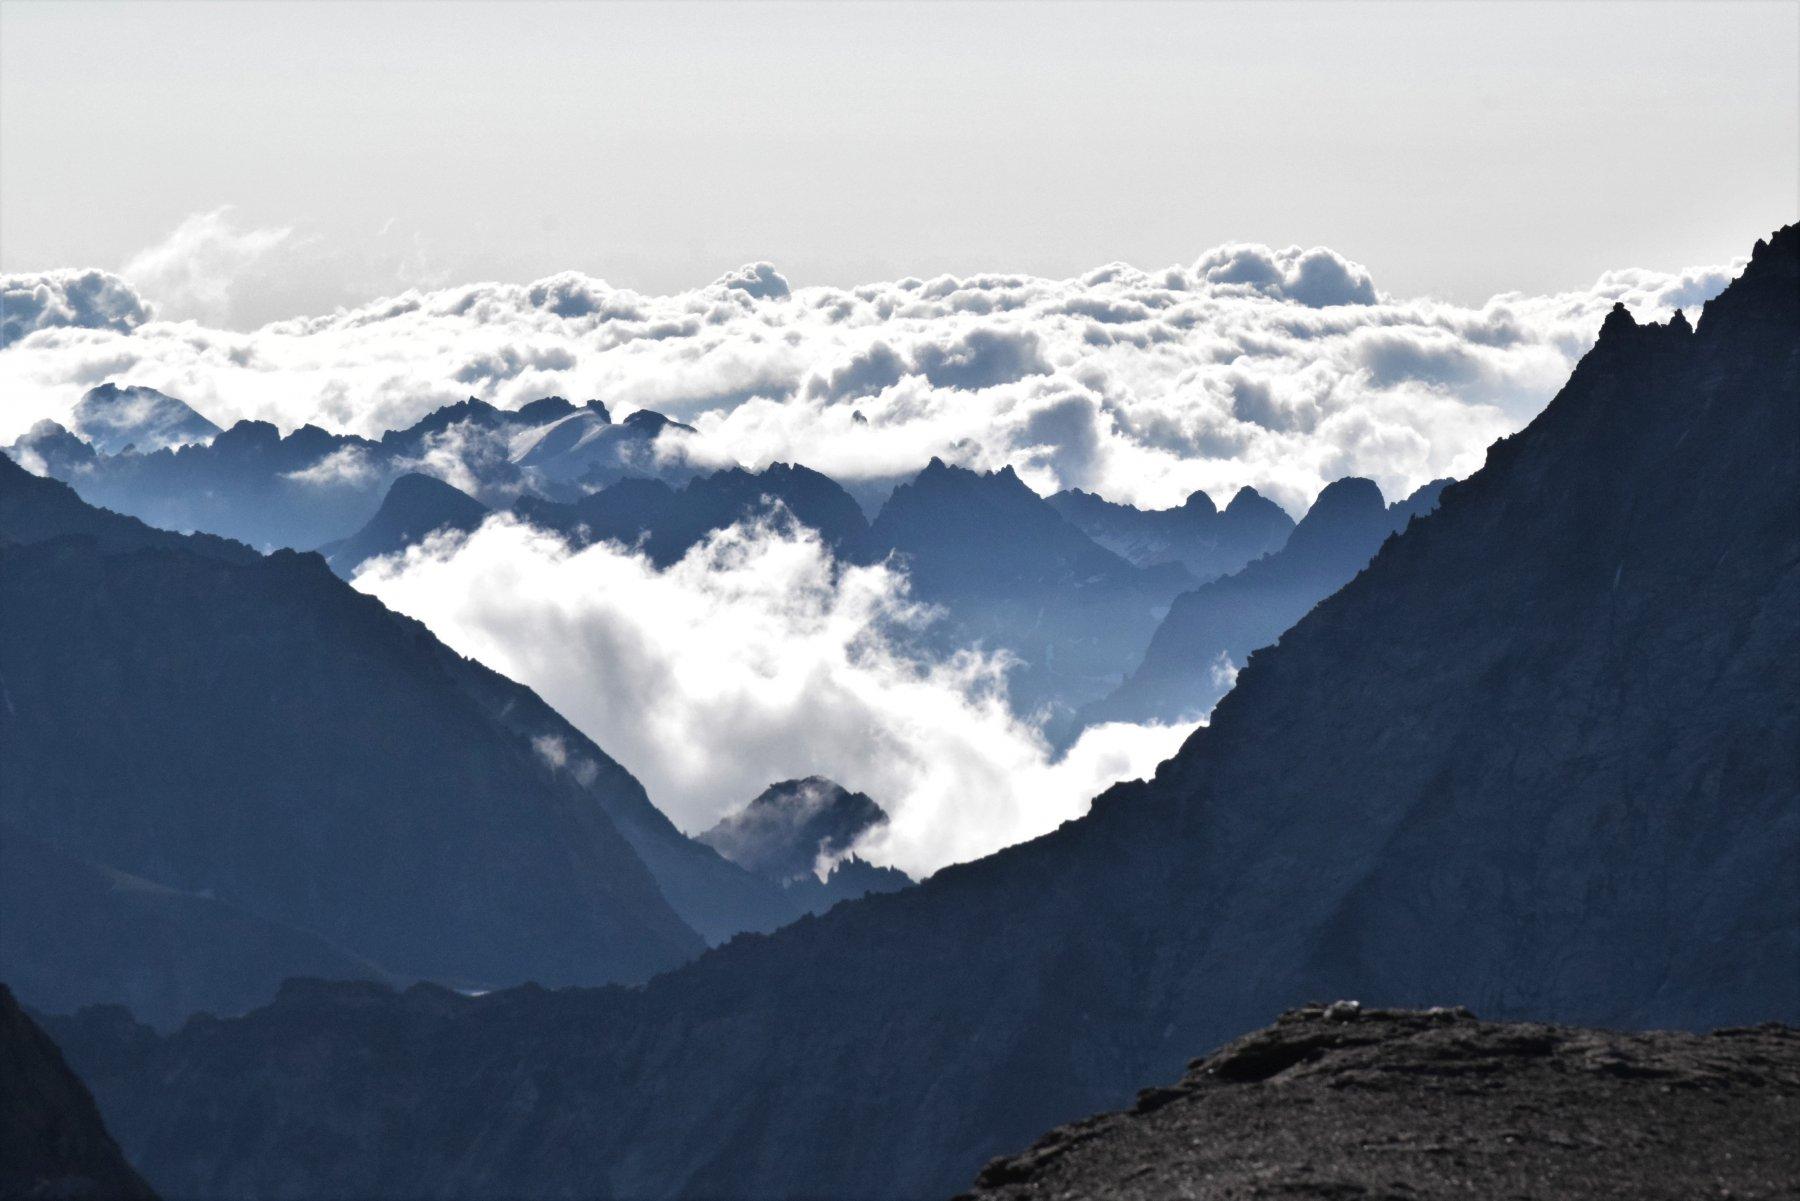 nuvole e giochi di luce verso il fondovalle